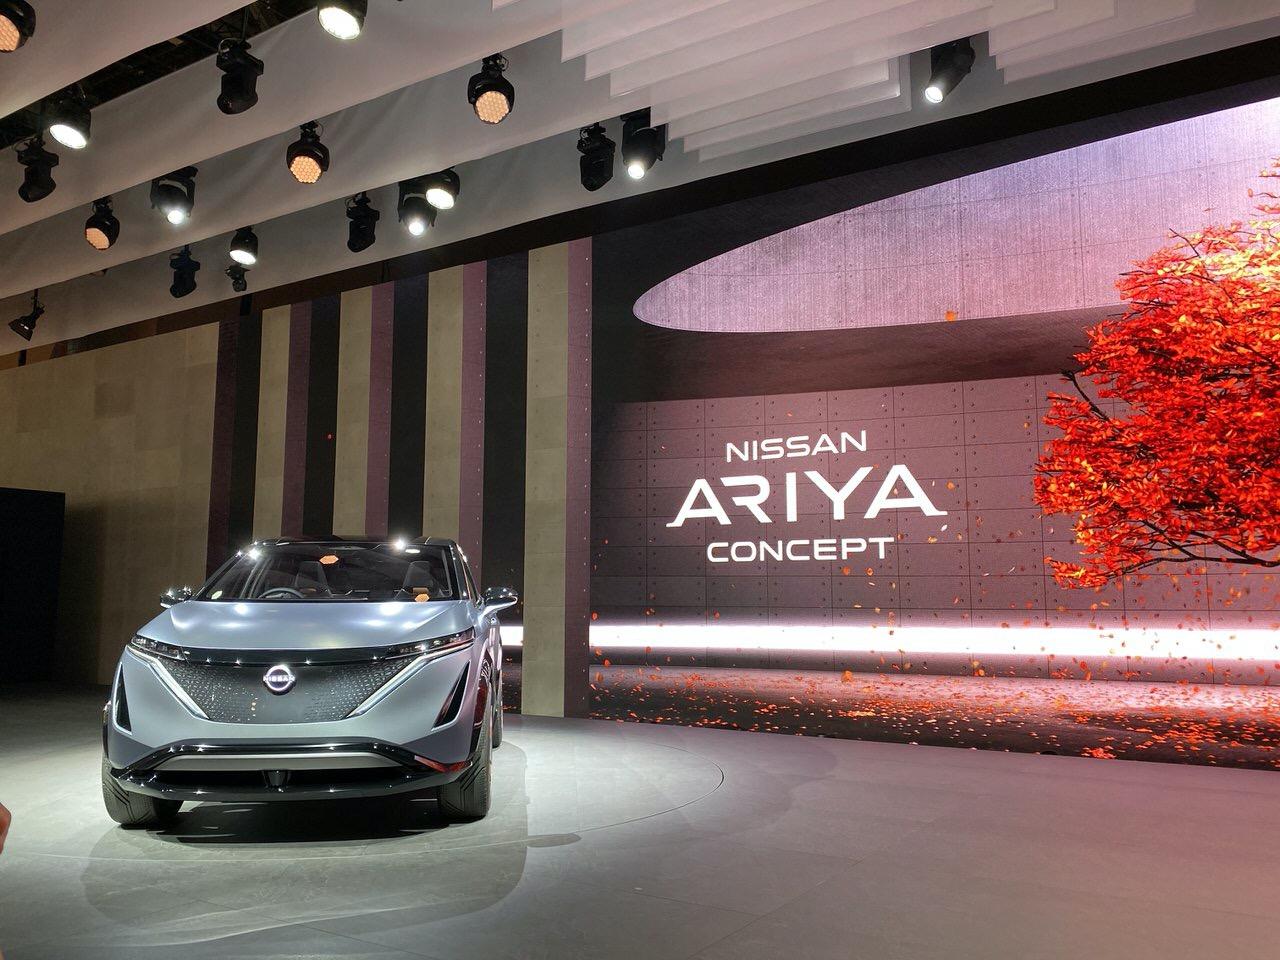 日産が東京モーターショーでEVのSUV「アリア」とEV軽自動車「IMk」を発表したけれどより世界にインパクトを与えそうなのは? #日産あんばさだー